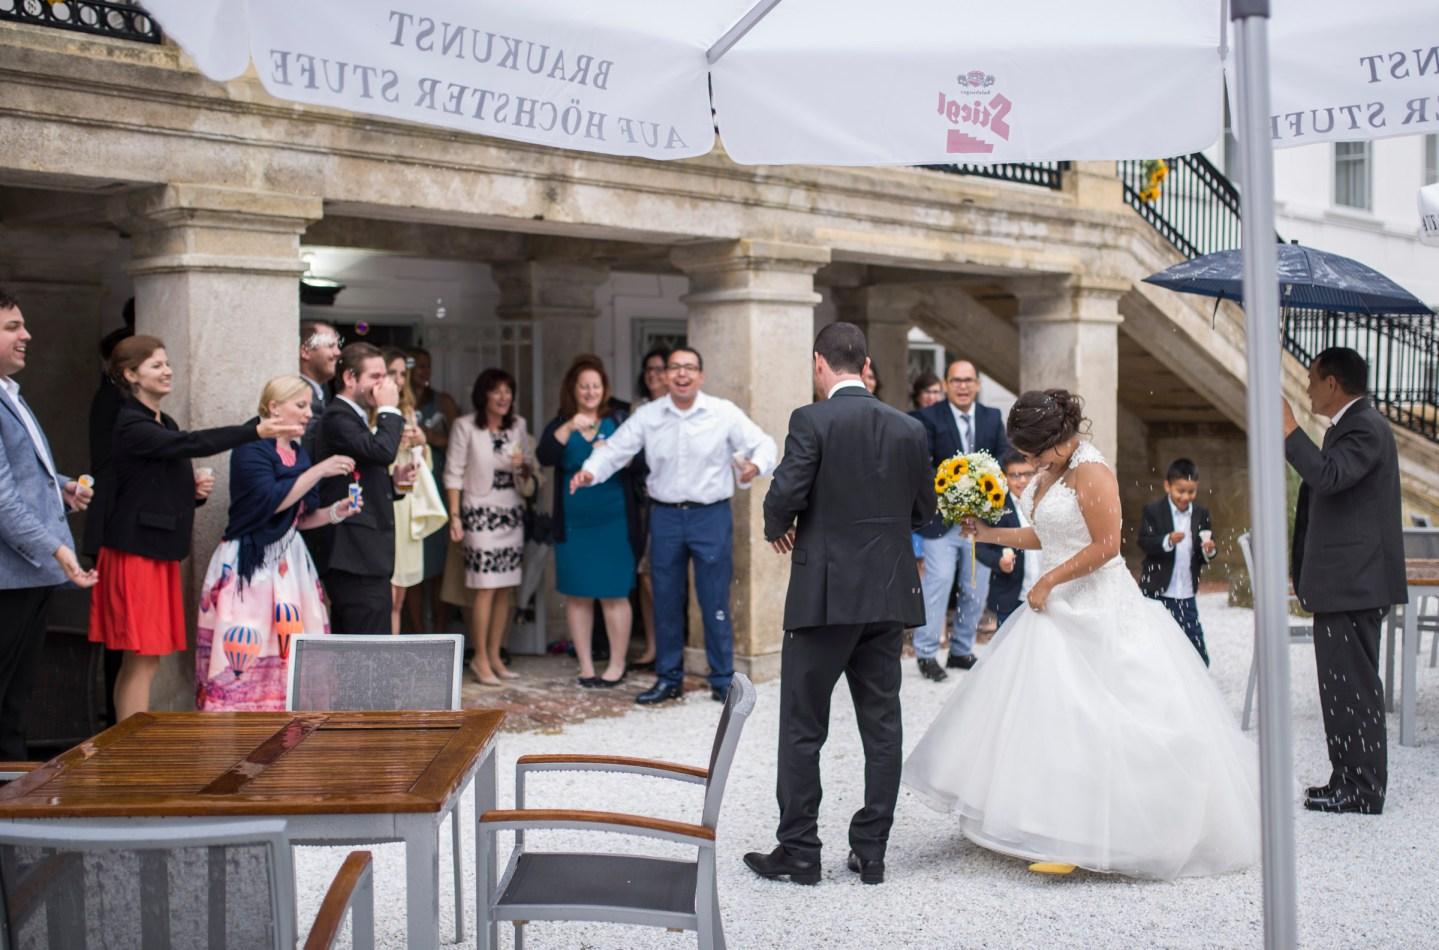 Cheers 1 - wedding - vienna - austria